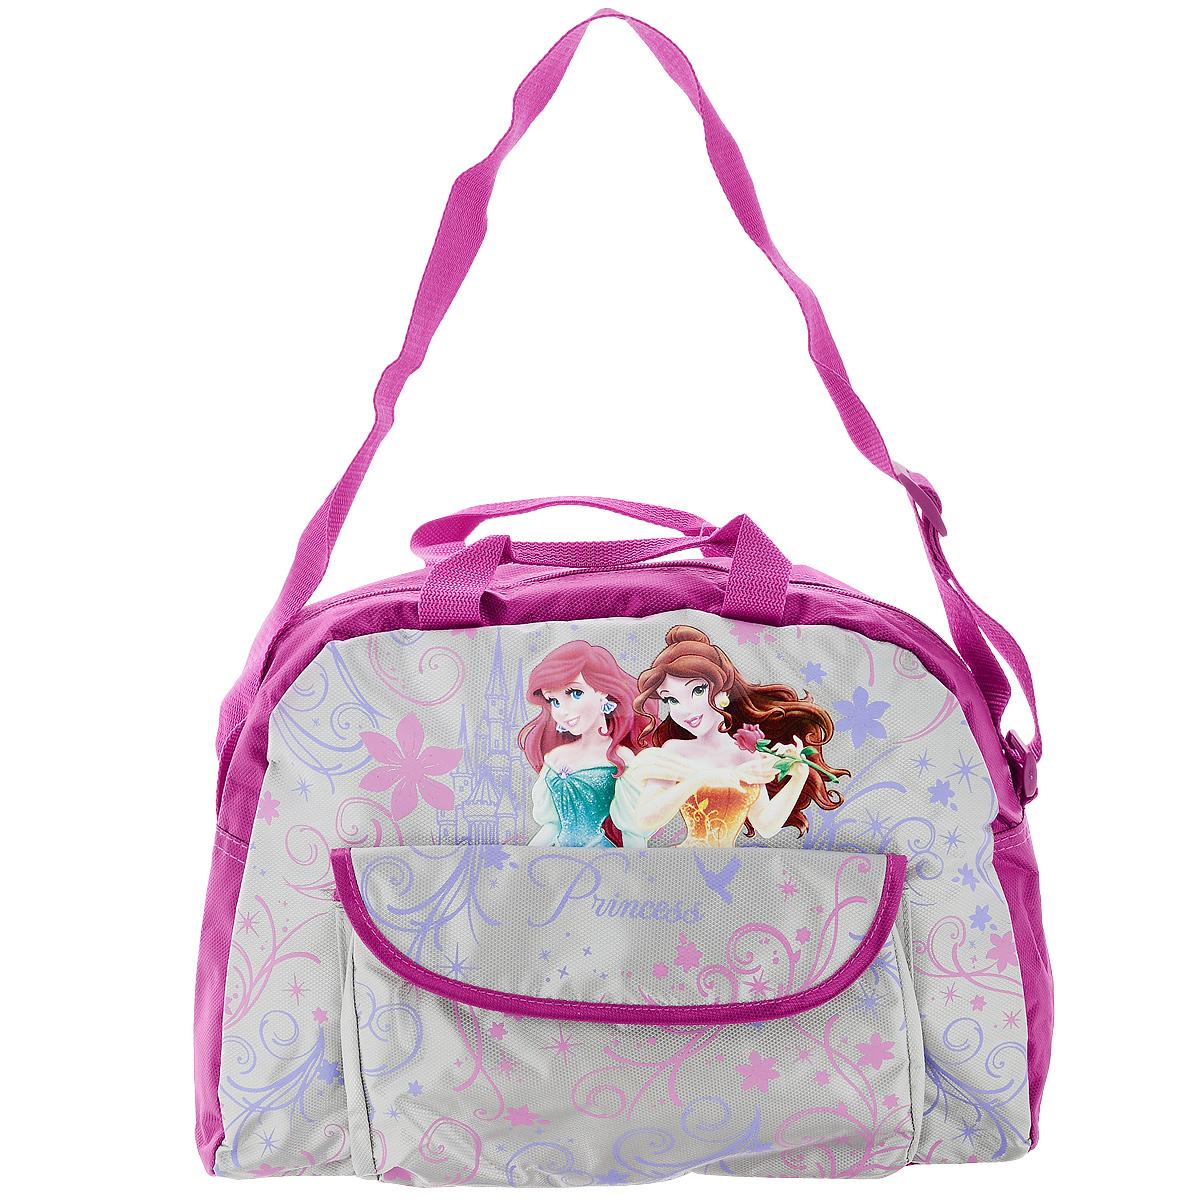 """Сумка детская """"Disney Princess"""", цвет: розовый, серый. PRAS-UT-4377"""